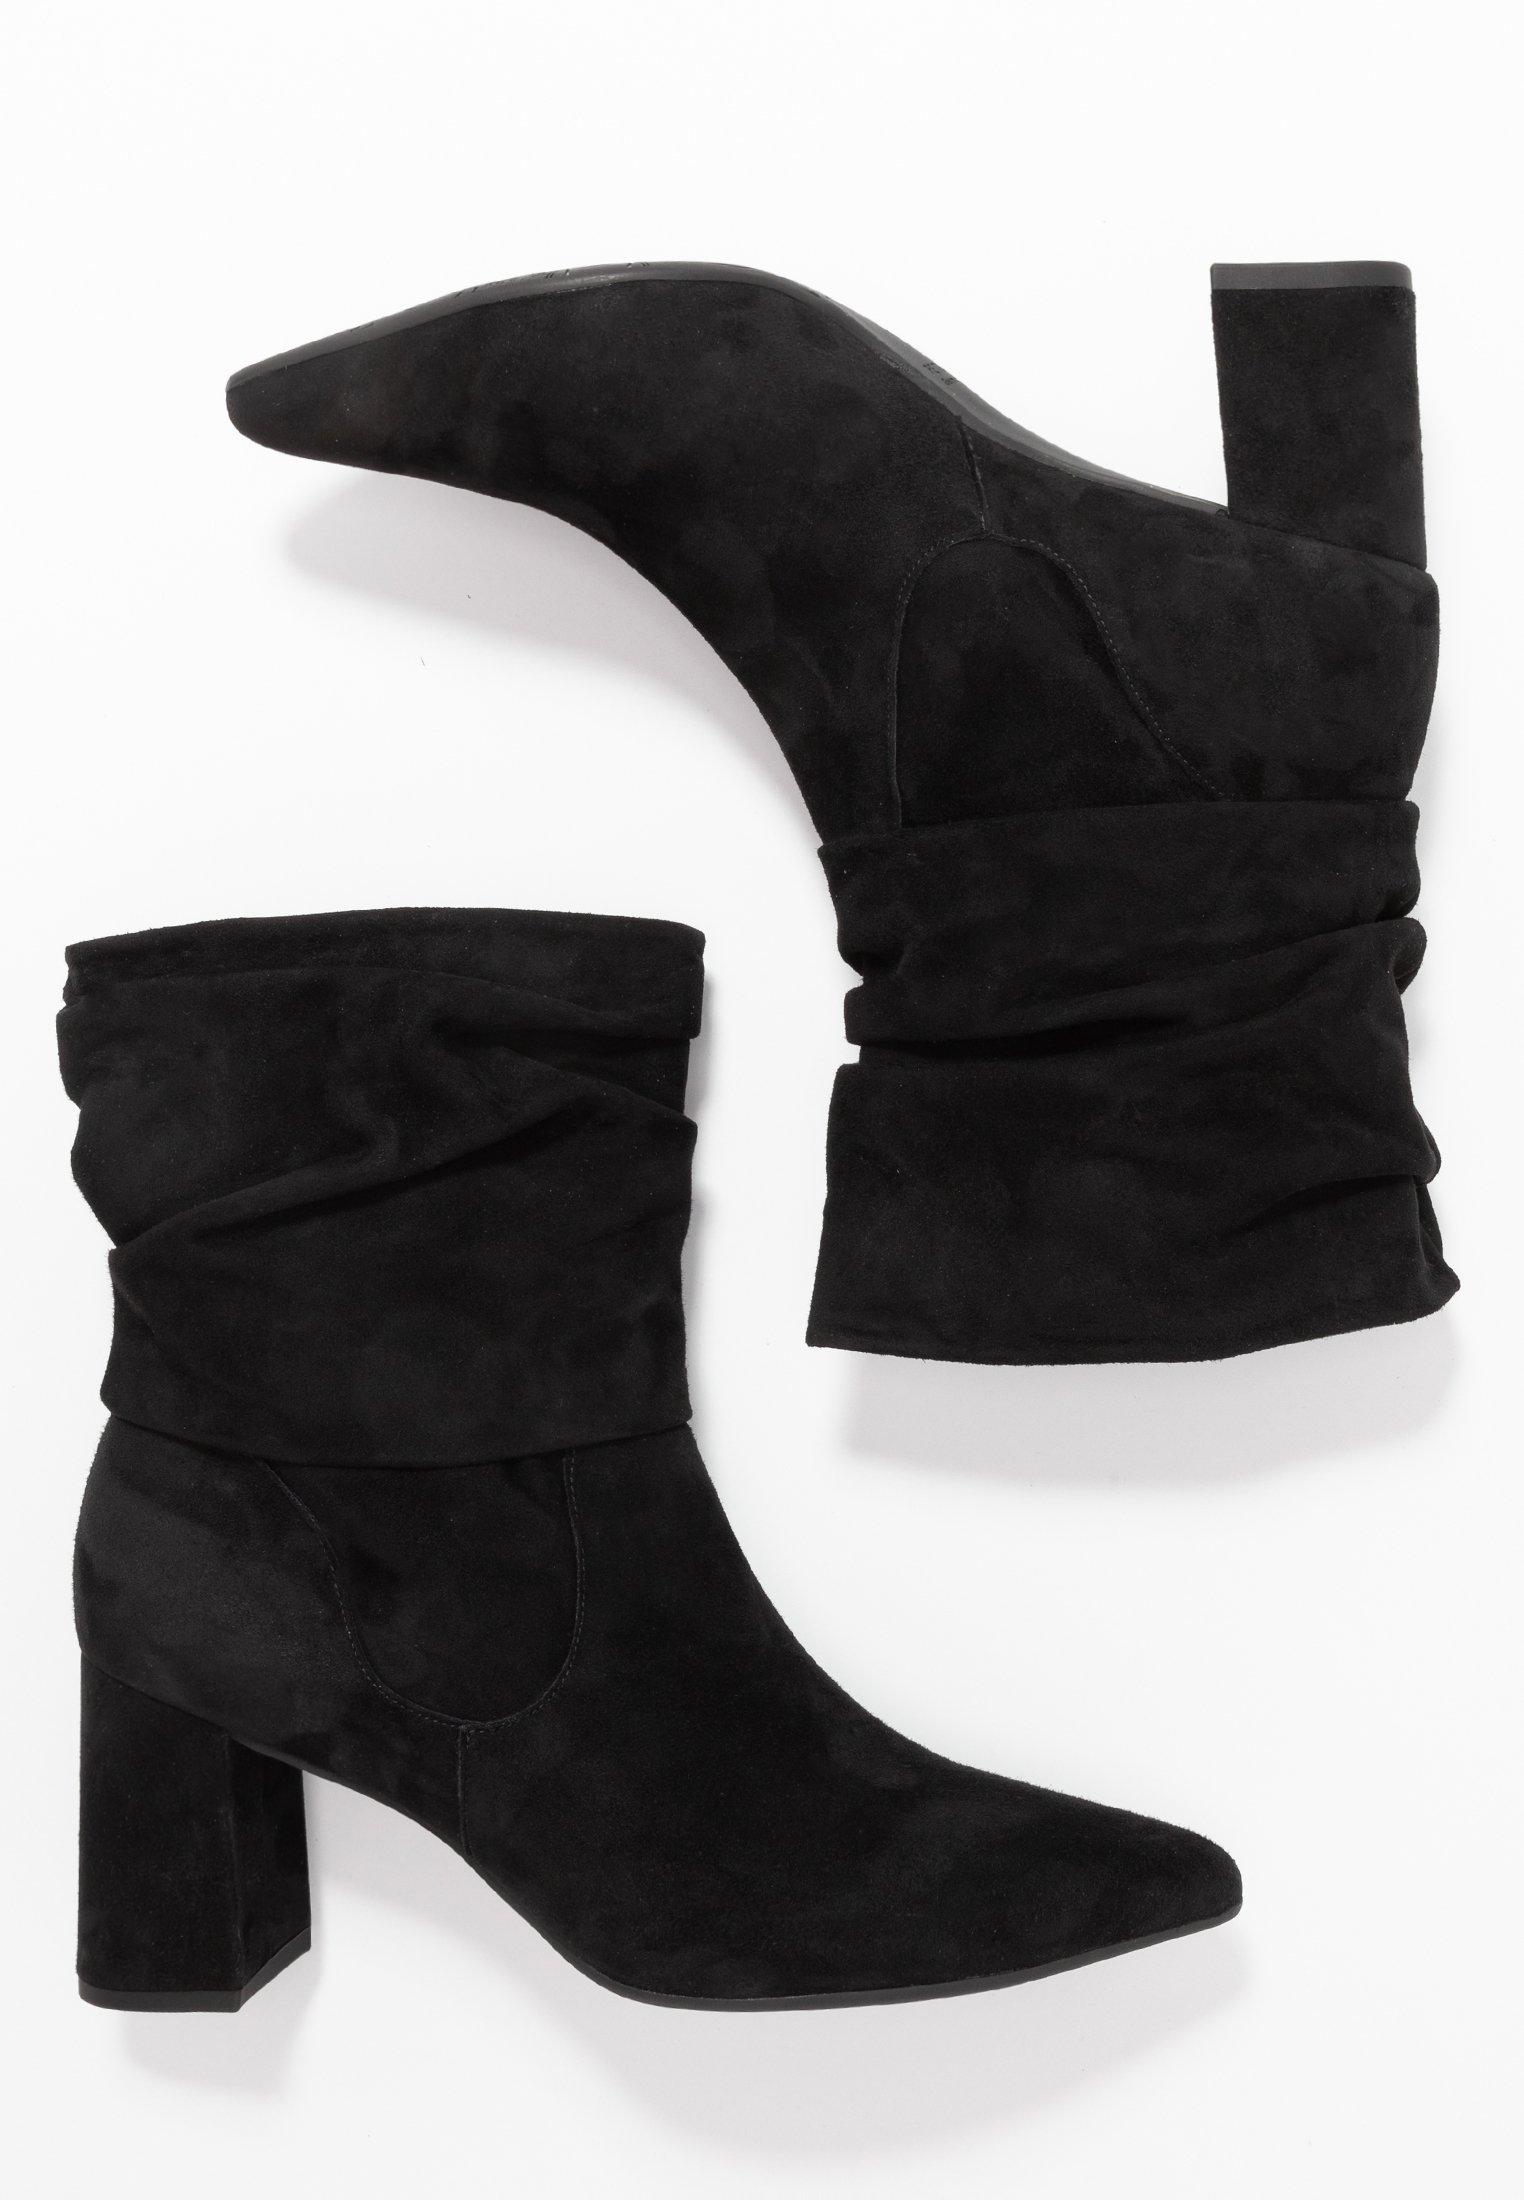 Peter Kaiser Korte laarzen Zwart dames (PETER 83 zwart